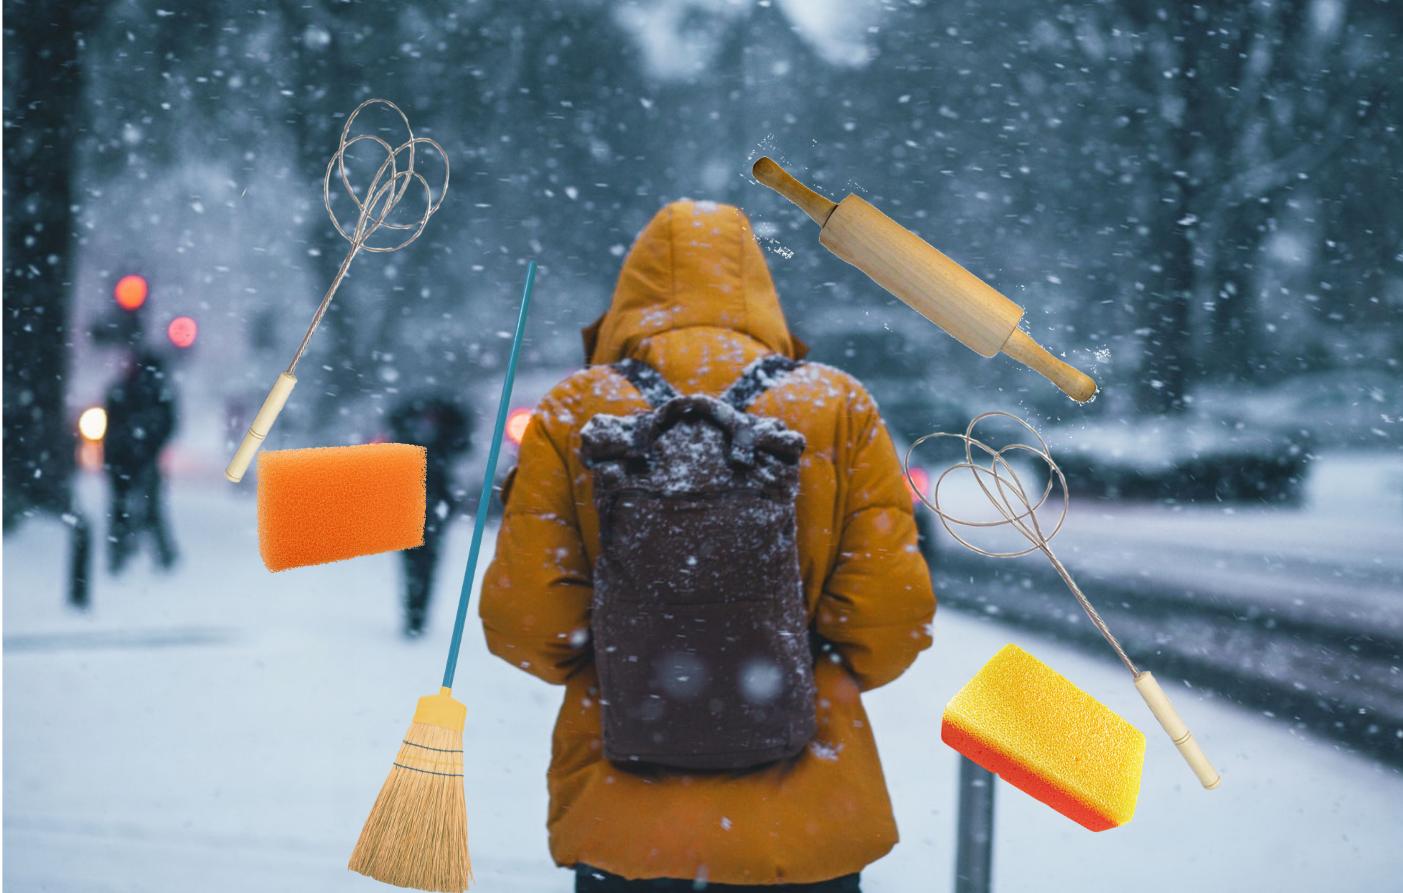 Как привести пуховик в порядок после стирки: выбивалка для ковров, скалка и пылесос